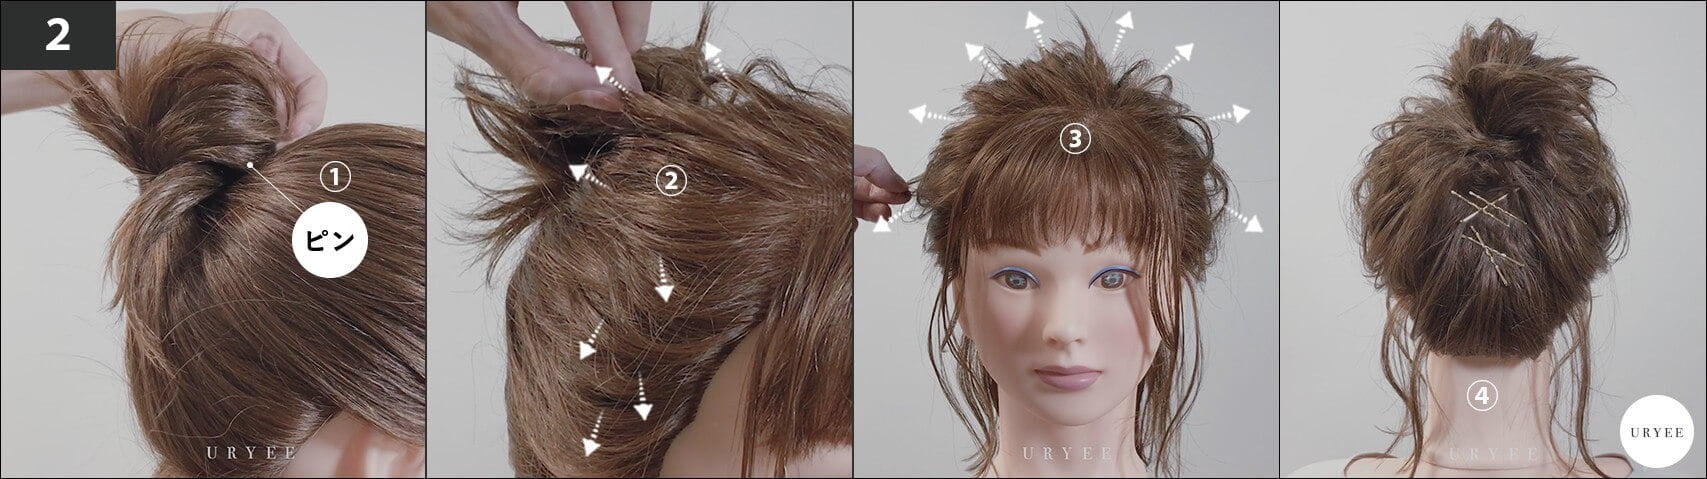 毛先をヘアピンで留めて表面の髪を引き出す